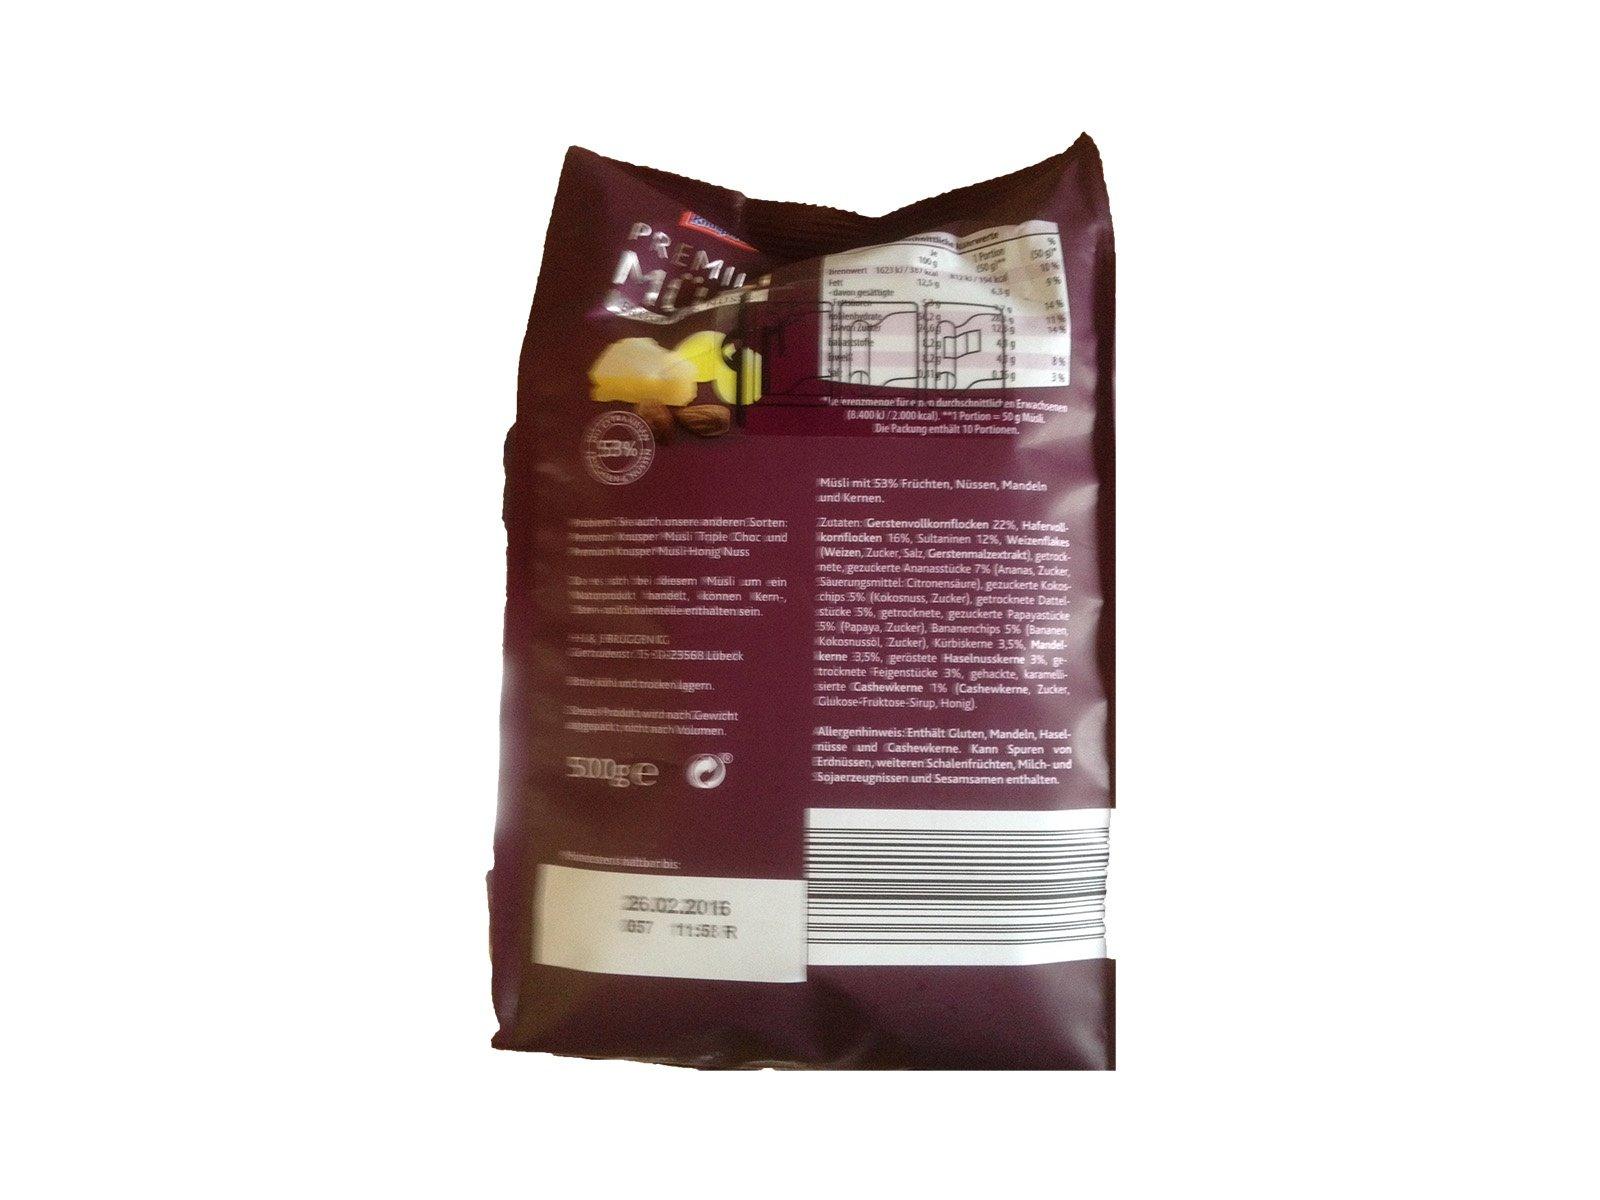 Knusperone Premium Müsli Früchte & Nüsse